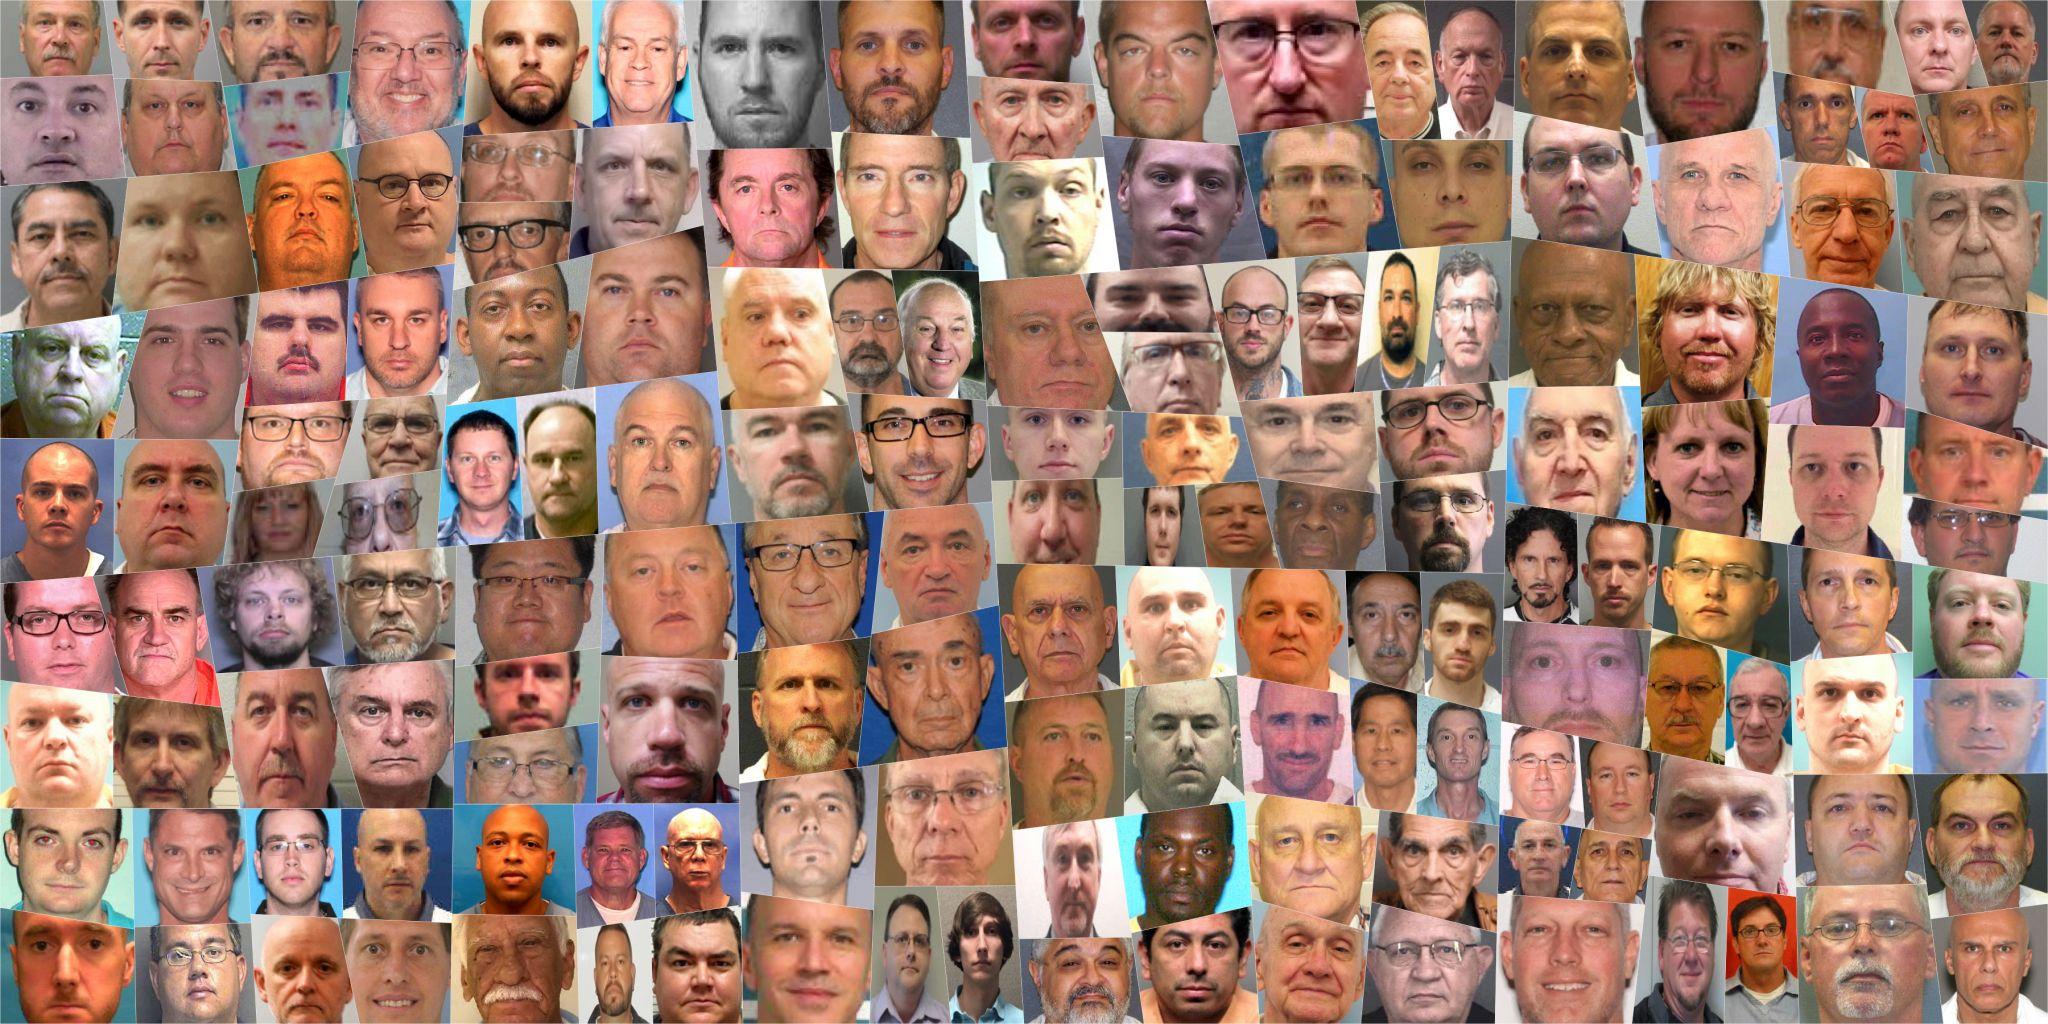 Las imágenes de algunos de los abuadores, presentadas por el Houston Chronicle